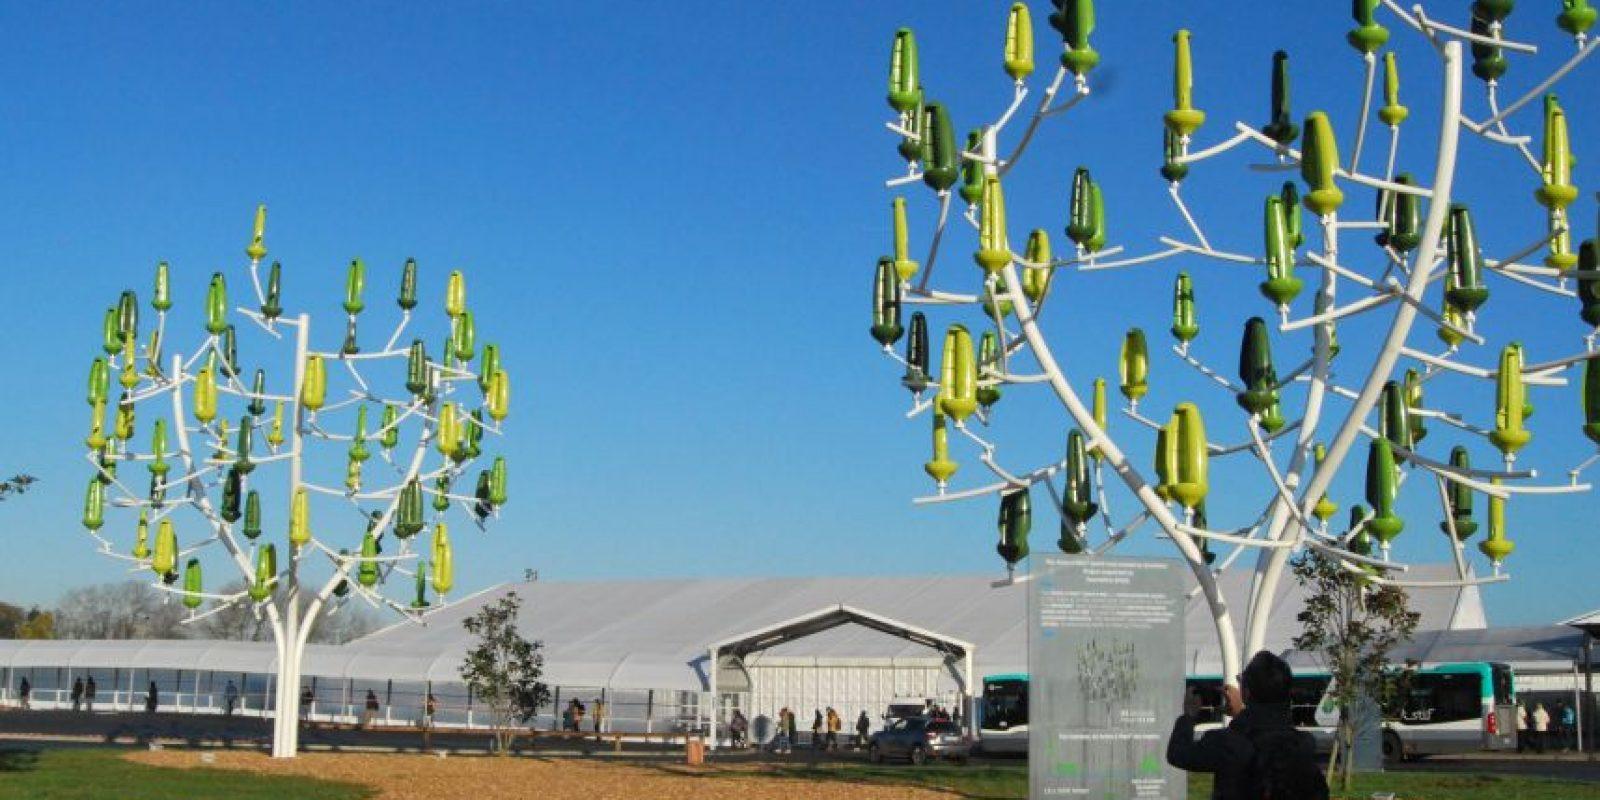 """Árboles con energía eólica. No solo son adorables, también son super útiles. Estos árboles (llamados Aeroleafs) mueven sus """"hojas"""" con el viento y generan energía suficiente para mantener encendidas 15 lámparas de la calle, el 83% de las necesidades de electricidad de un hogar de cuatro personas y para mover un carro eléctrico por 16.364 kilómetros al año."""